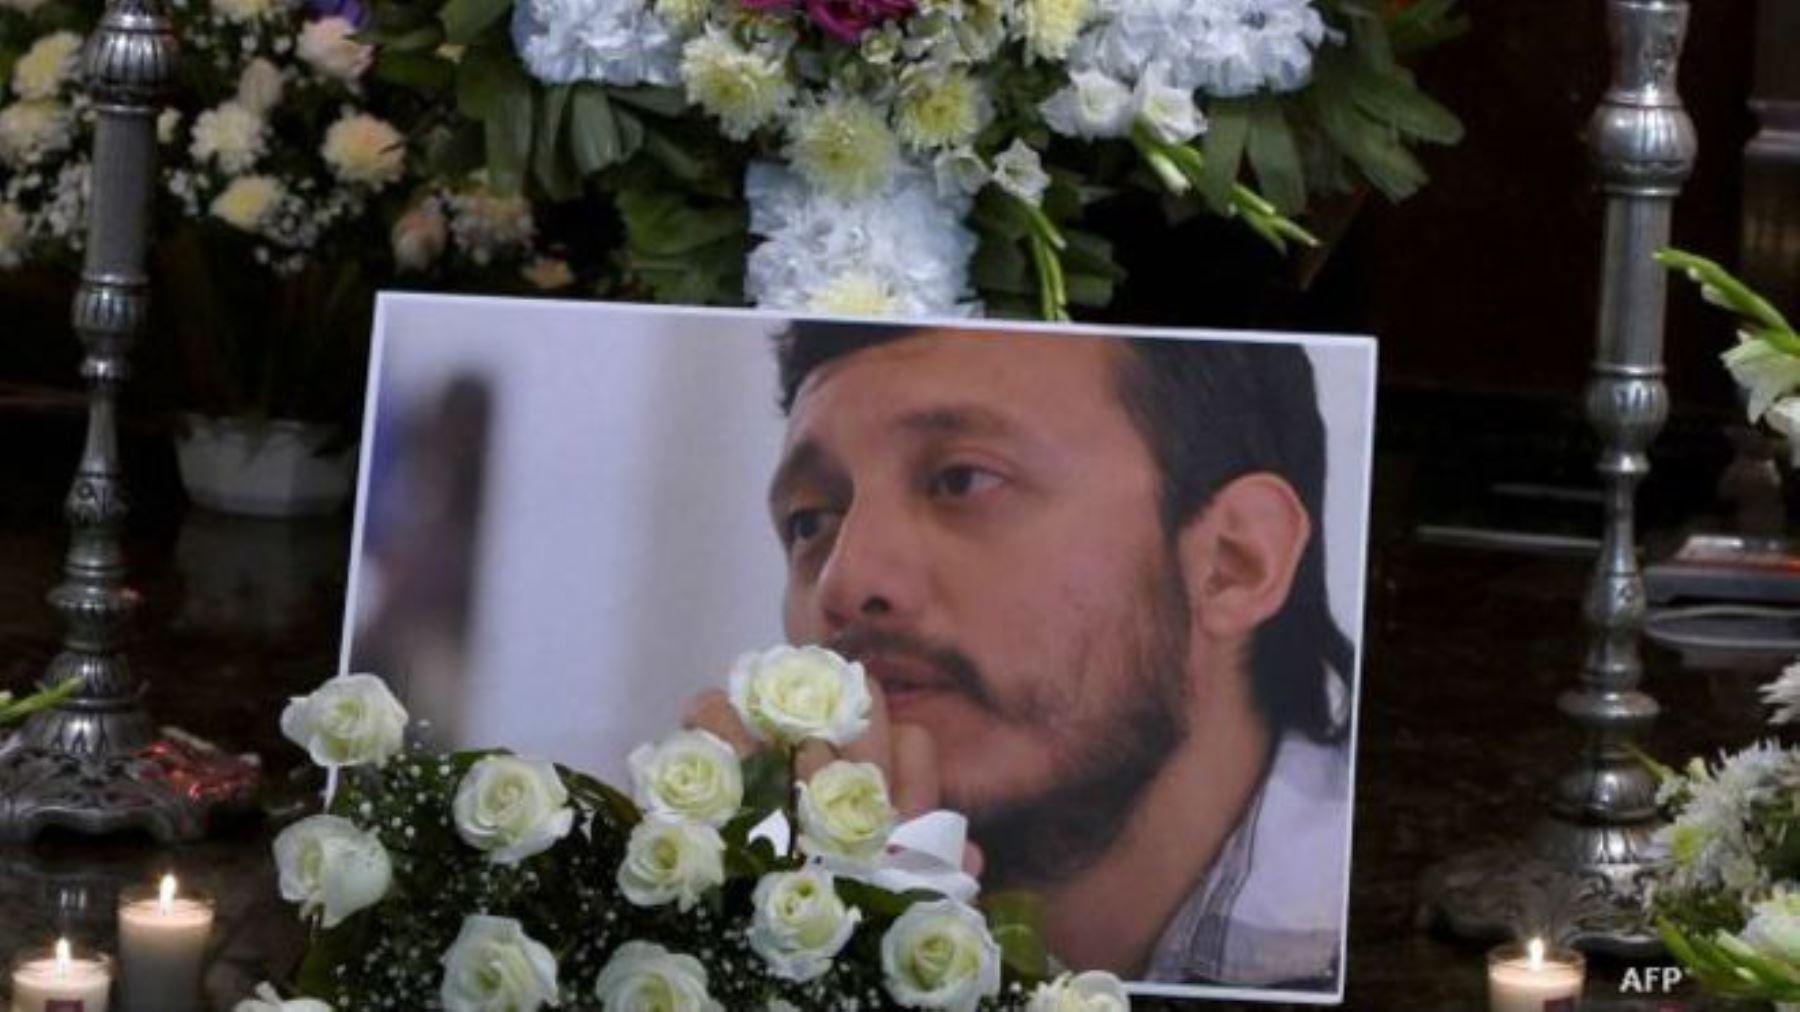 Escritores y periodistas piden justicia a presidente de México por crimen de fotógrafo